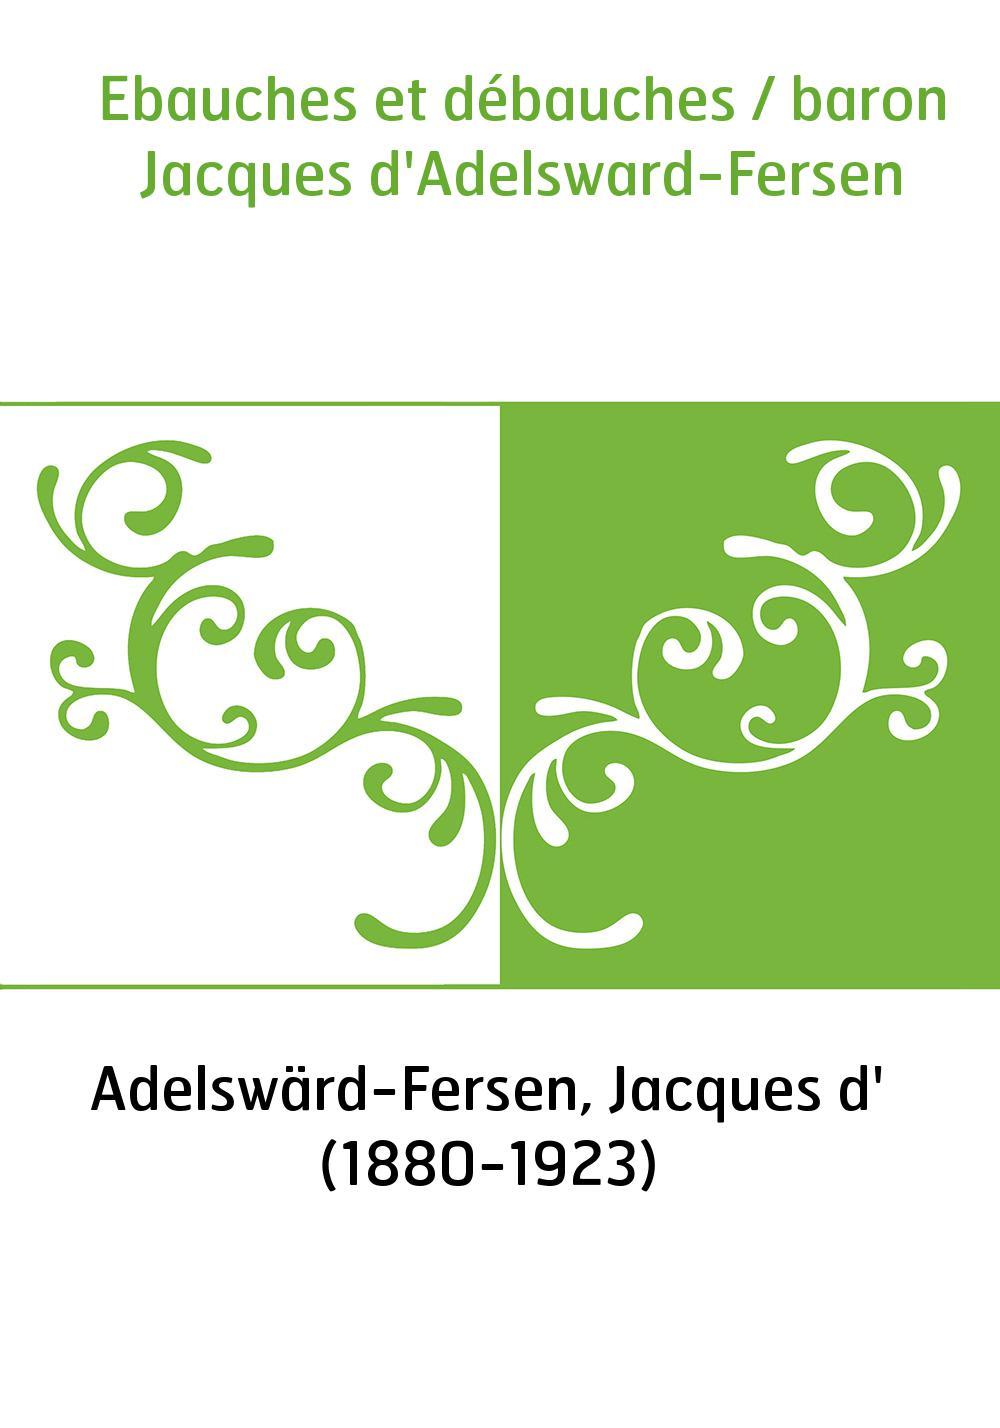 Ebauches et débauches / baron Jacques d'Adelsward-Fersen